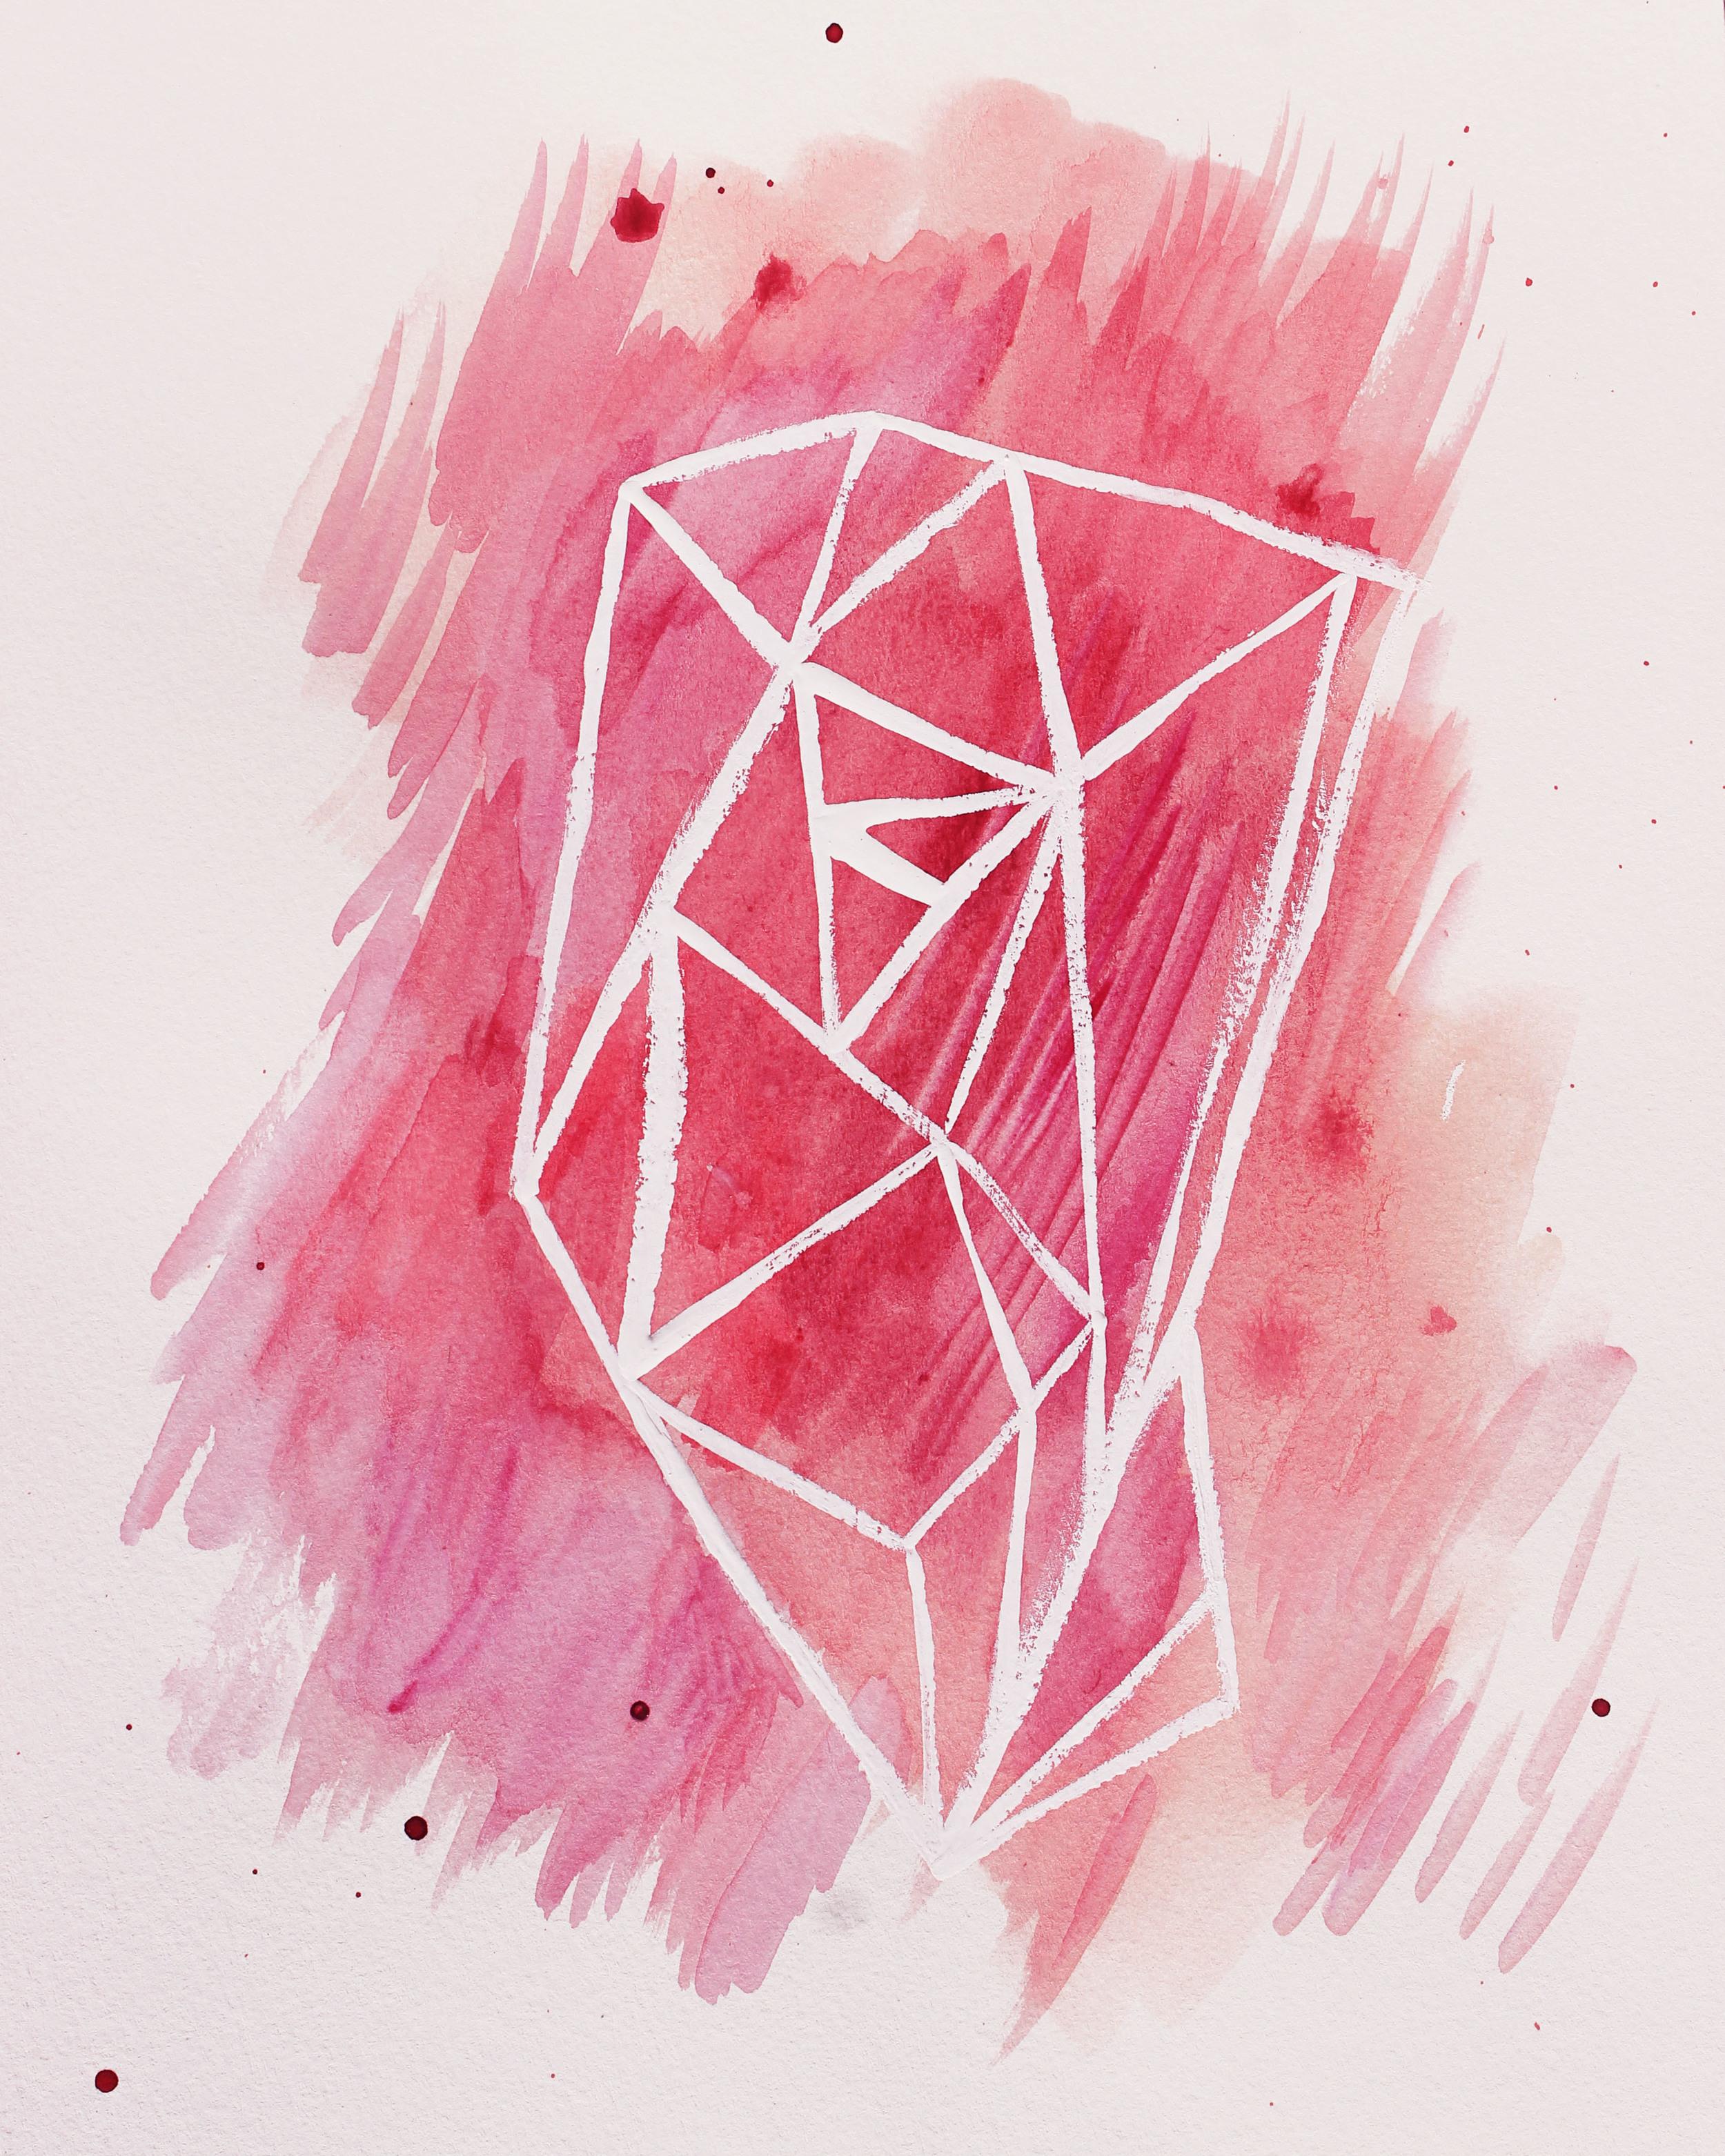 pinkcrystal_small_tinafloersch.jpg